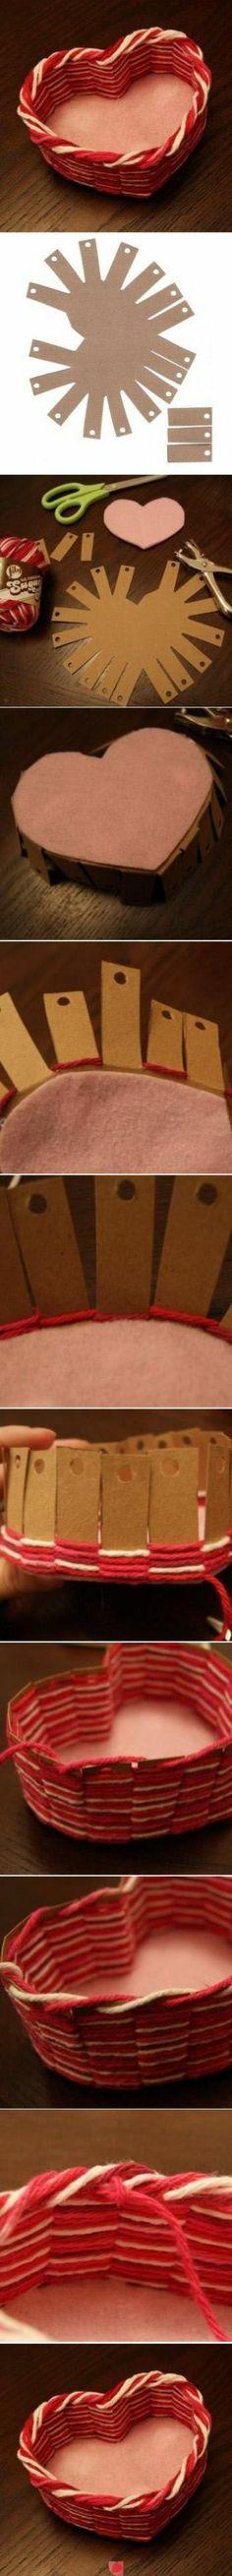 how to make a cute heart shaped basket